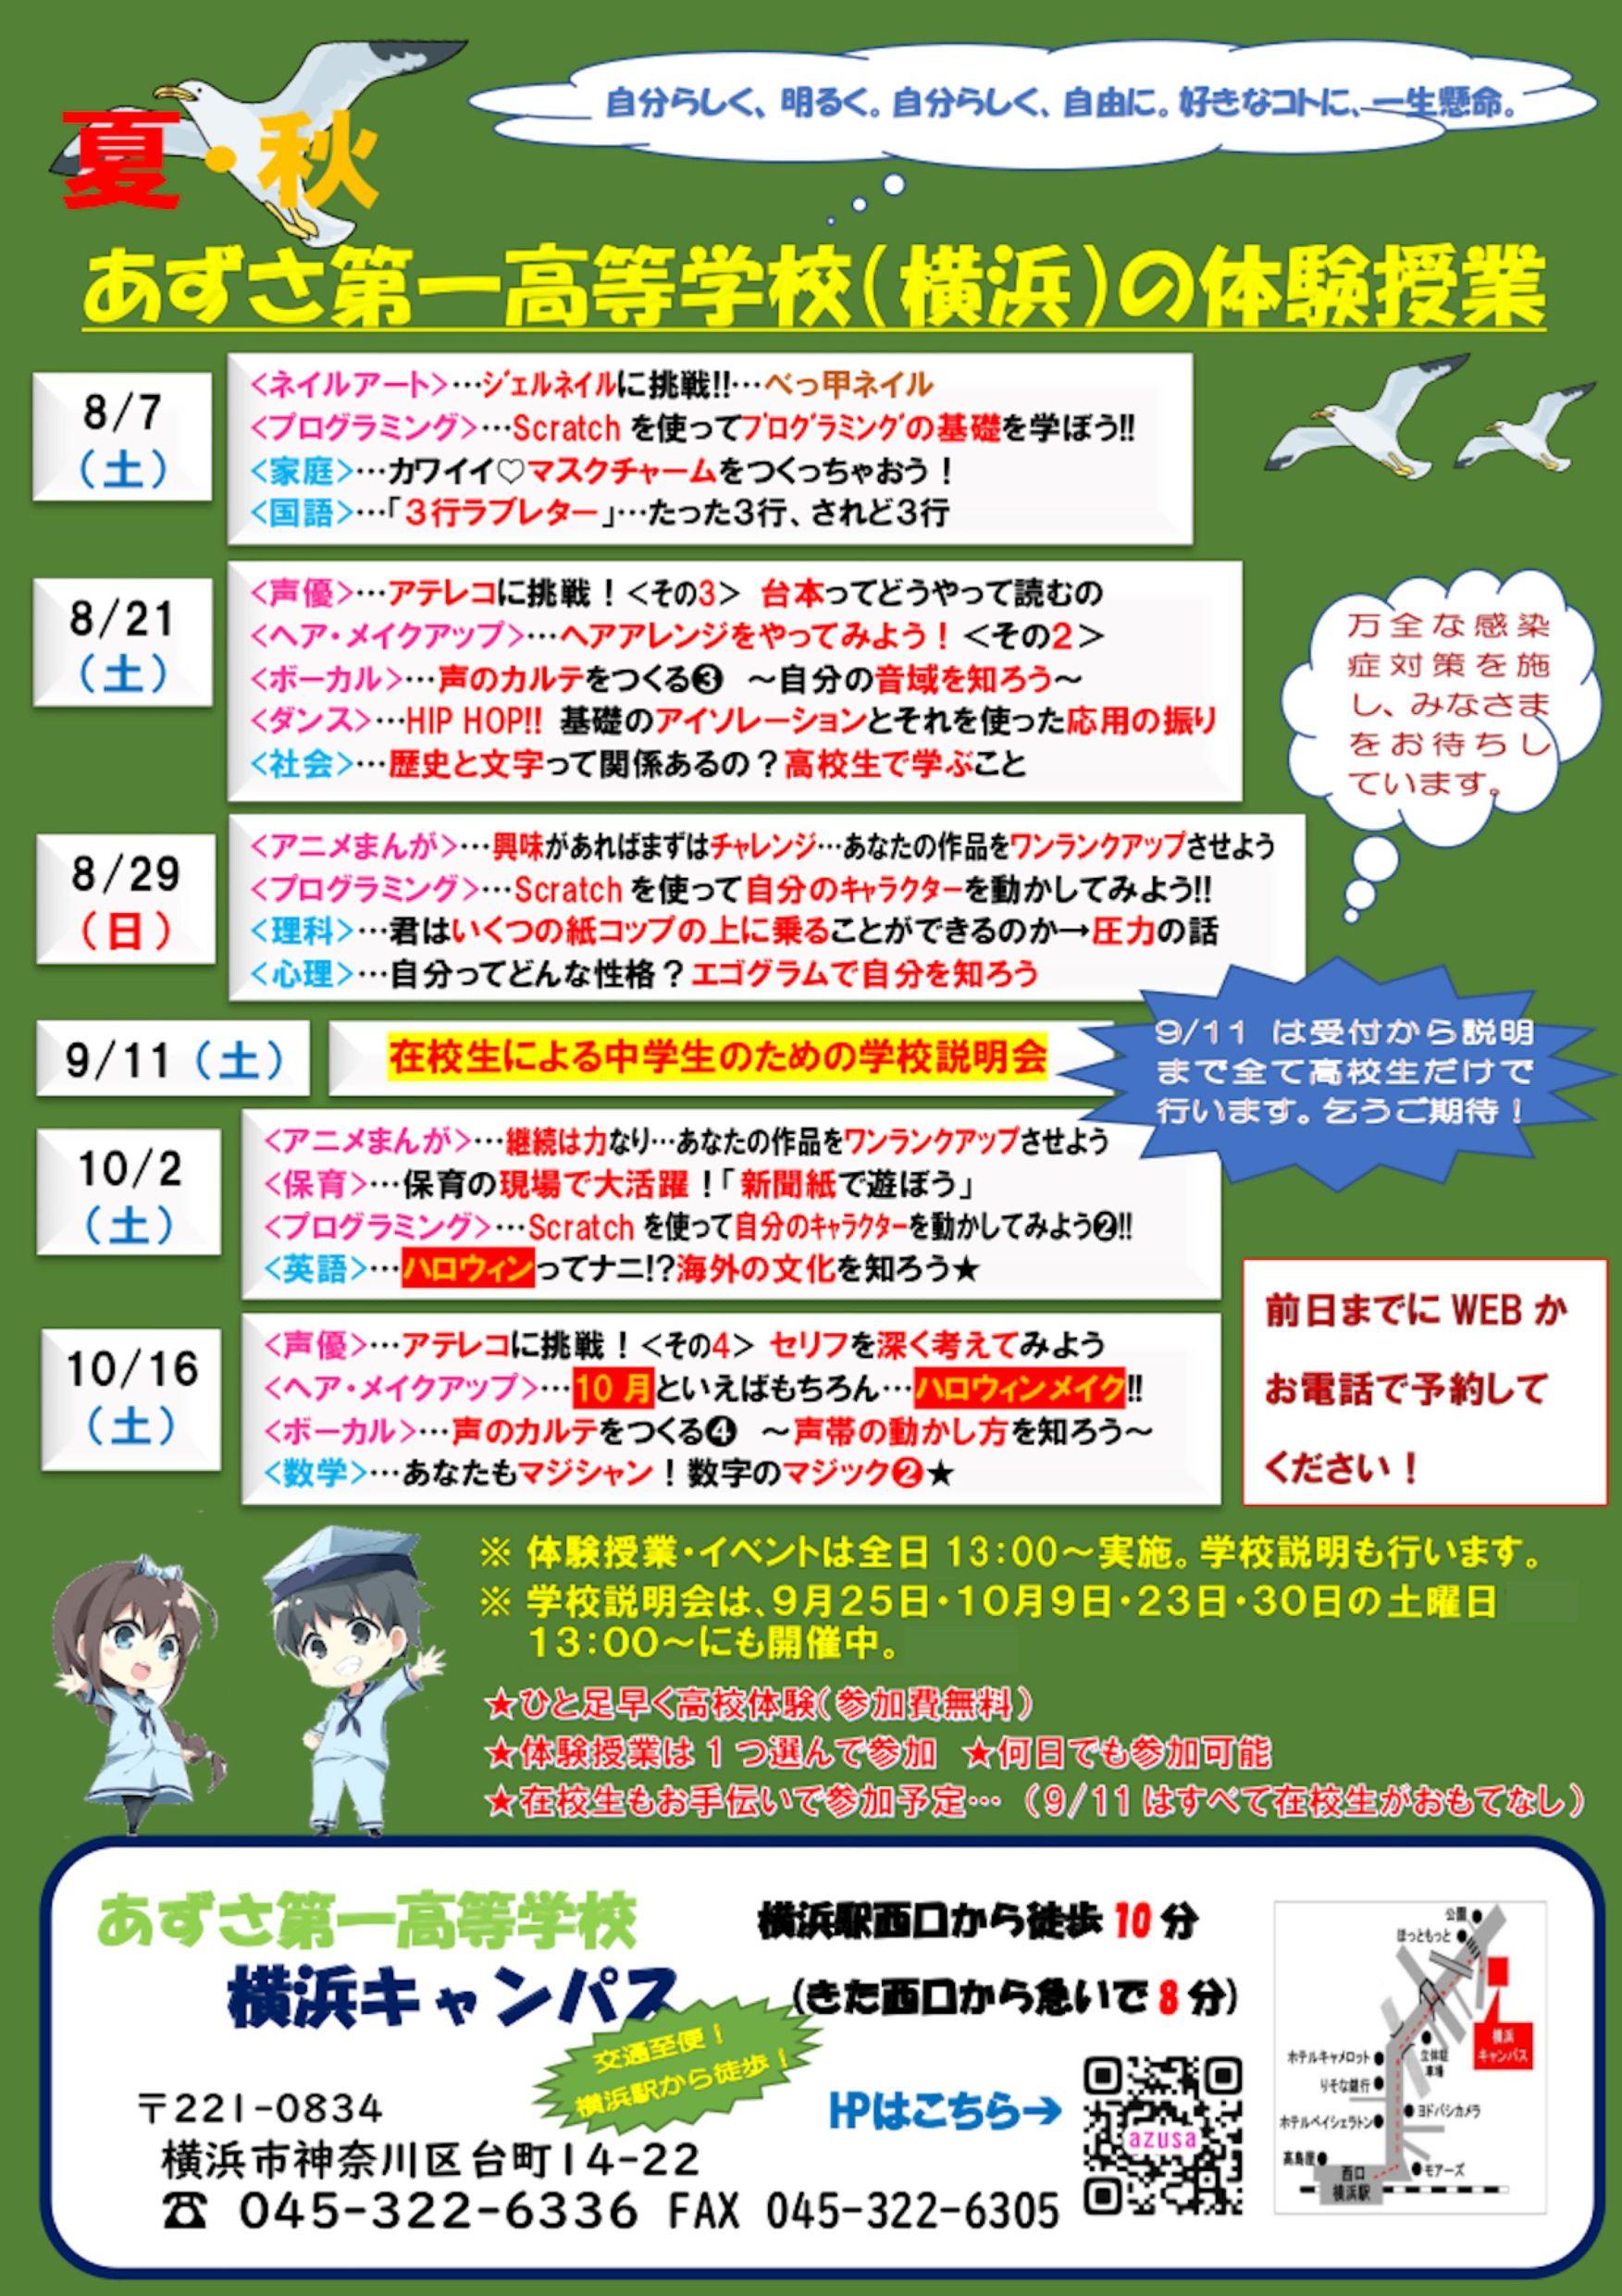 横浜キャンパス 夏~秋の体験授業 image1